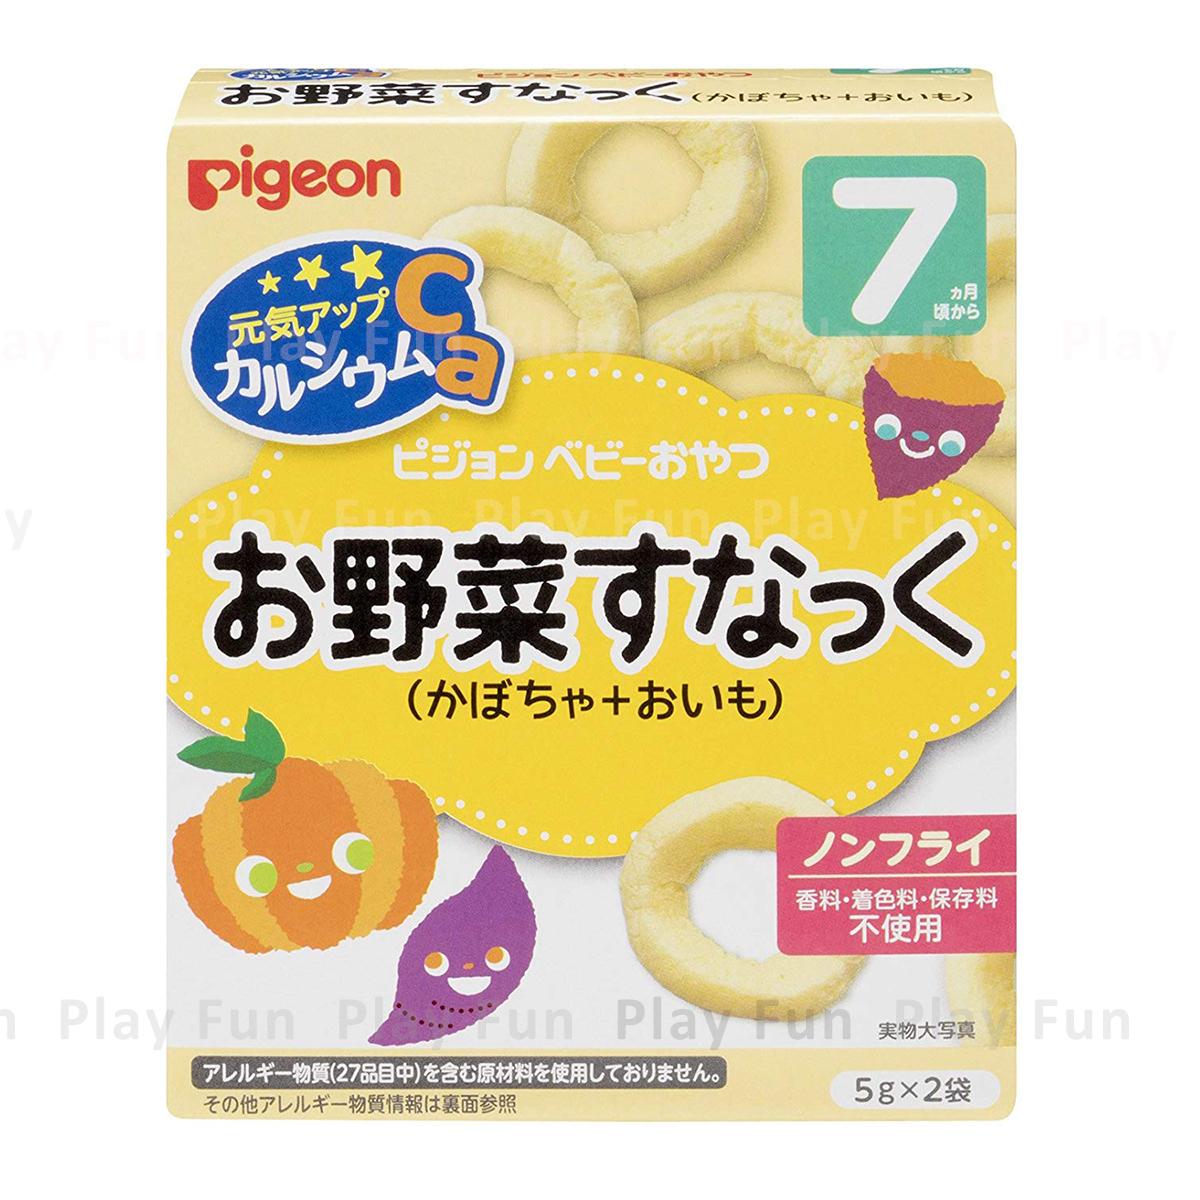 高鈣南瓜蕃薯圓圈餅 [7個月或以上嬰兒食用]  (4902508133920_1)